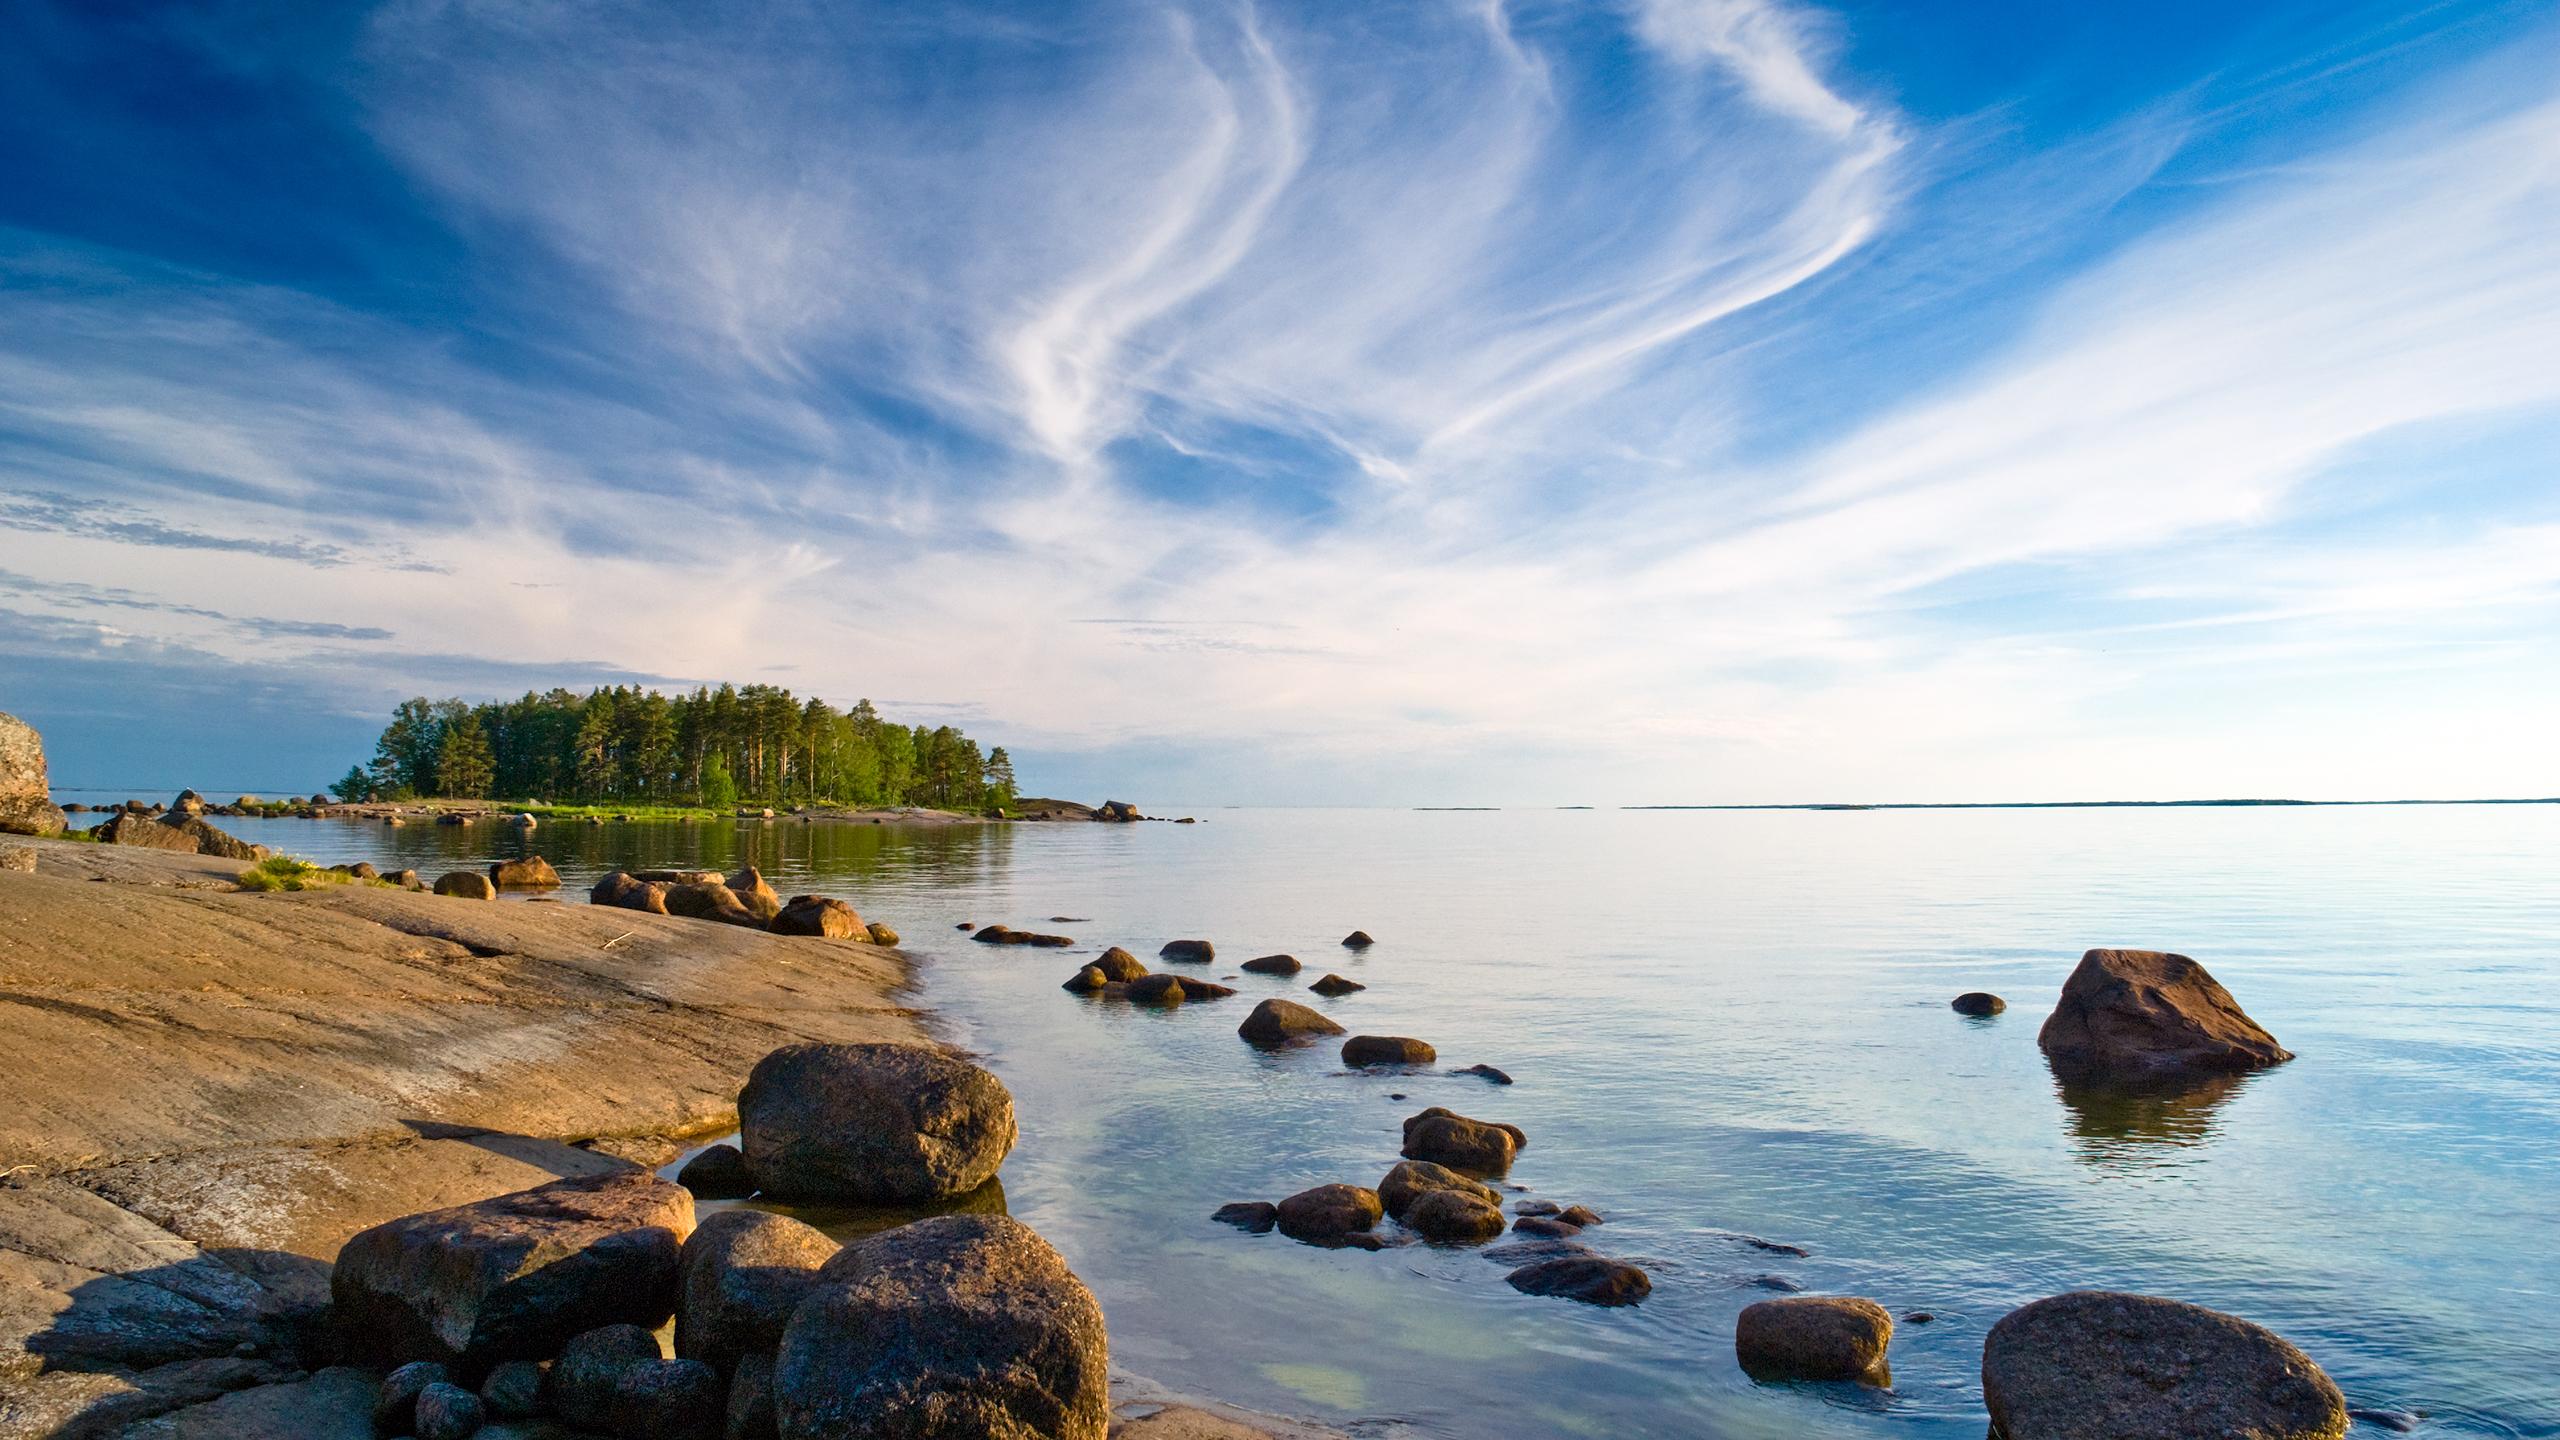 finland_wallpaper_2560x1440